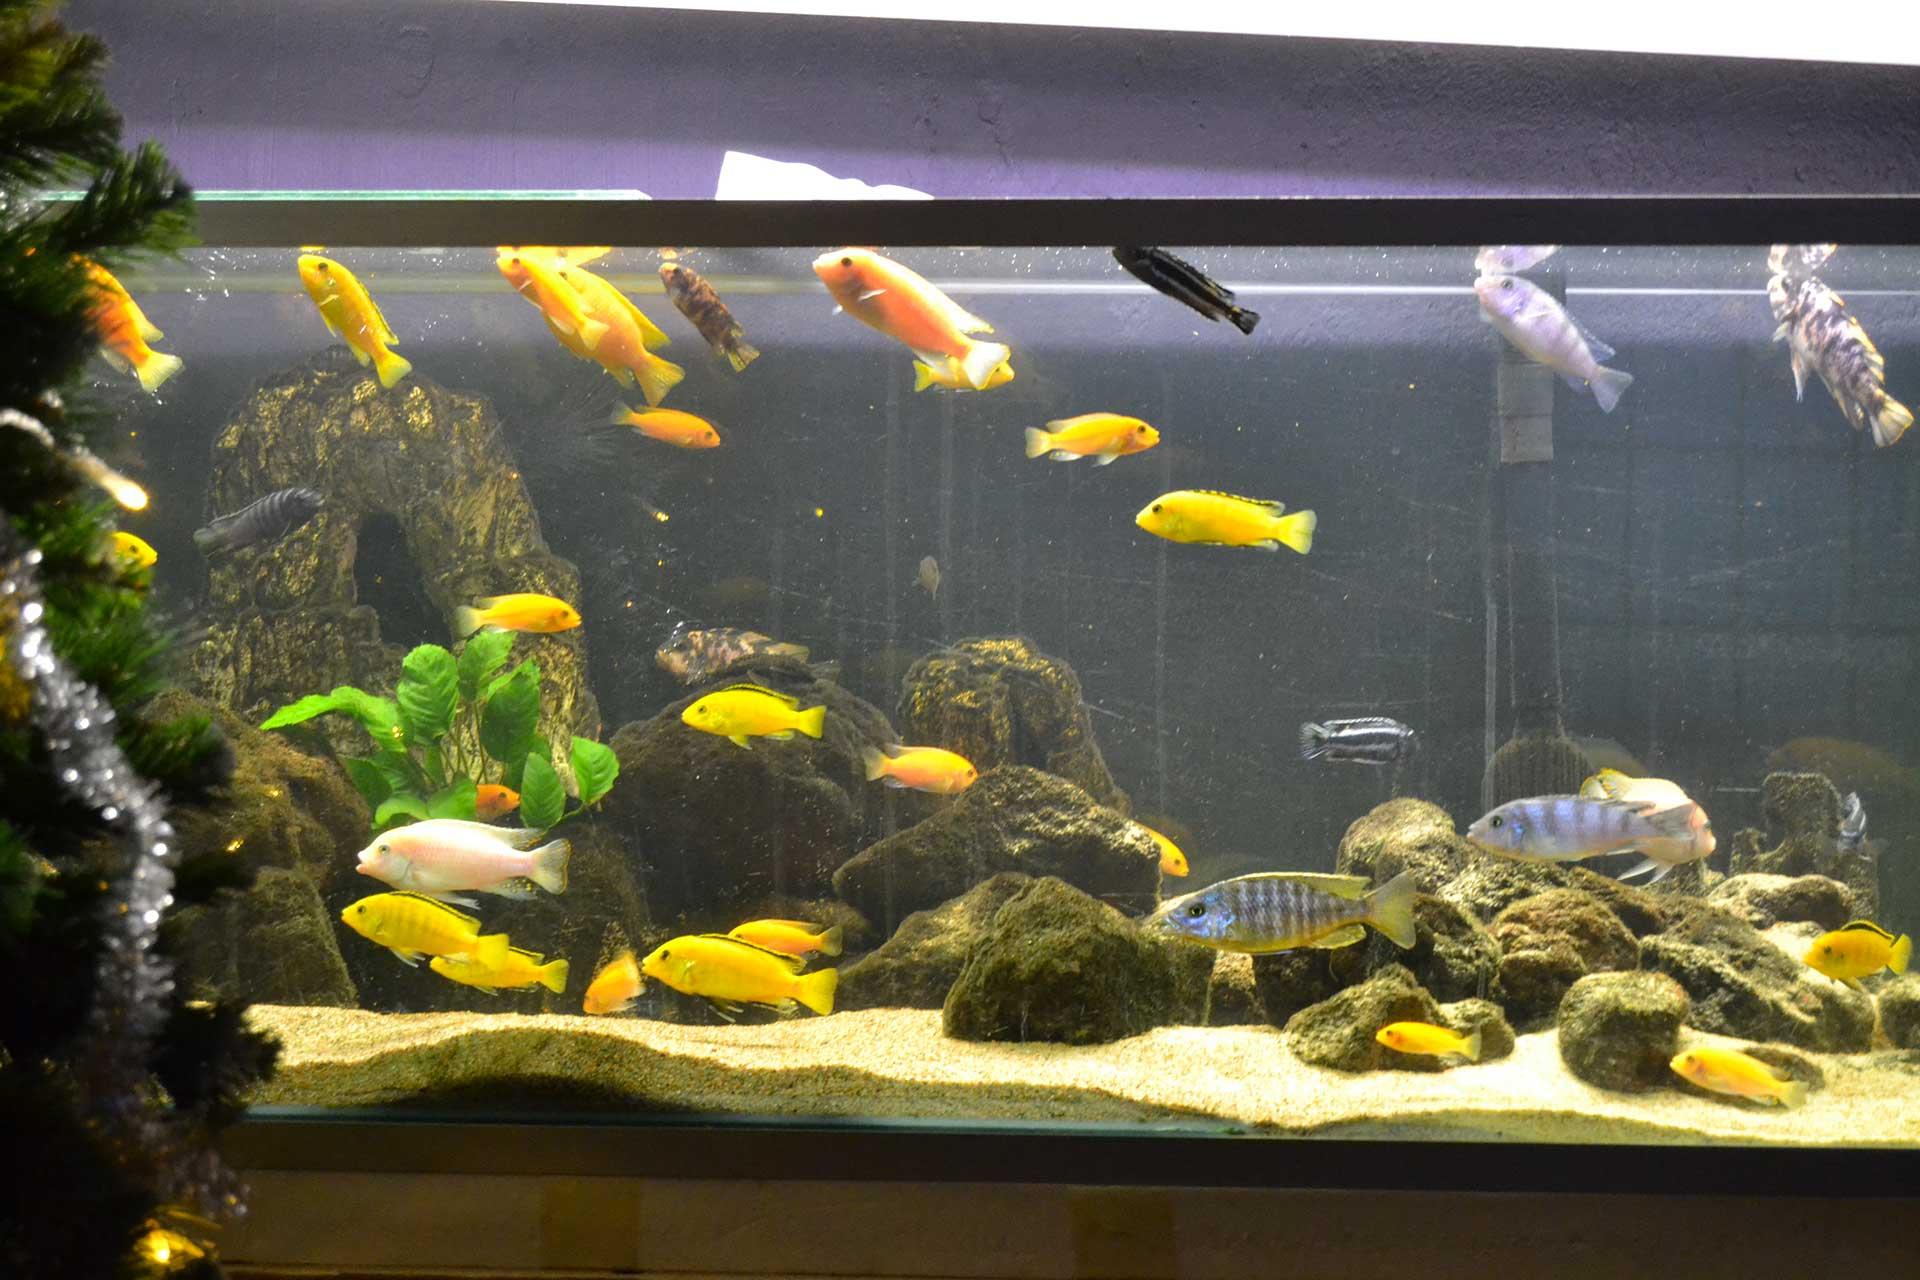 Sintomi e malattie pi comuni dei pesci da acquario - Pesci comuni in tavola ...